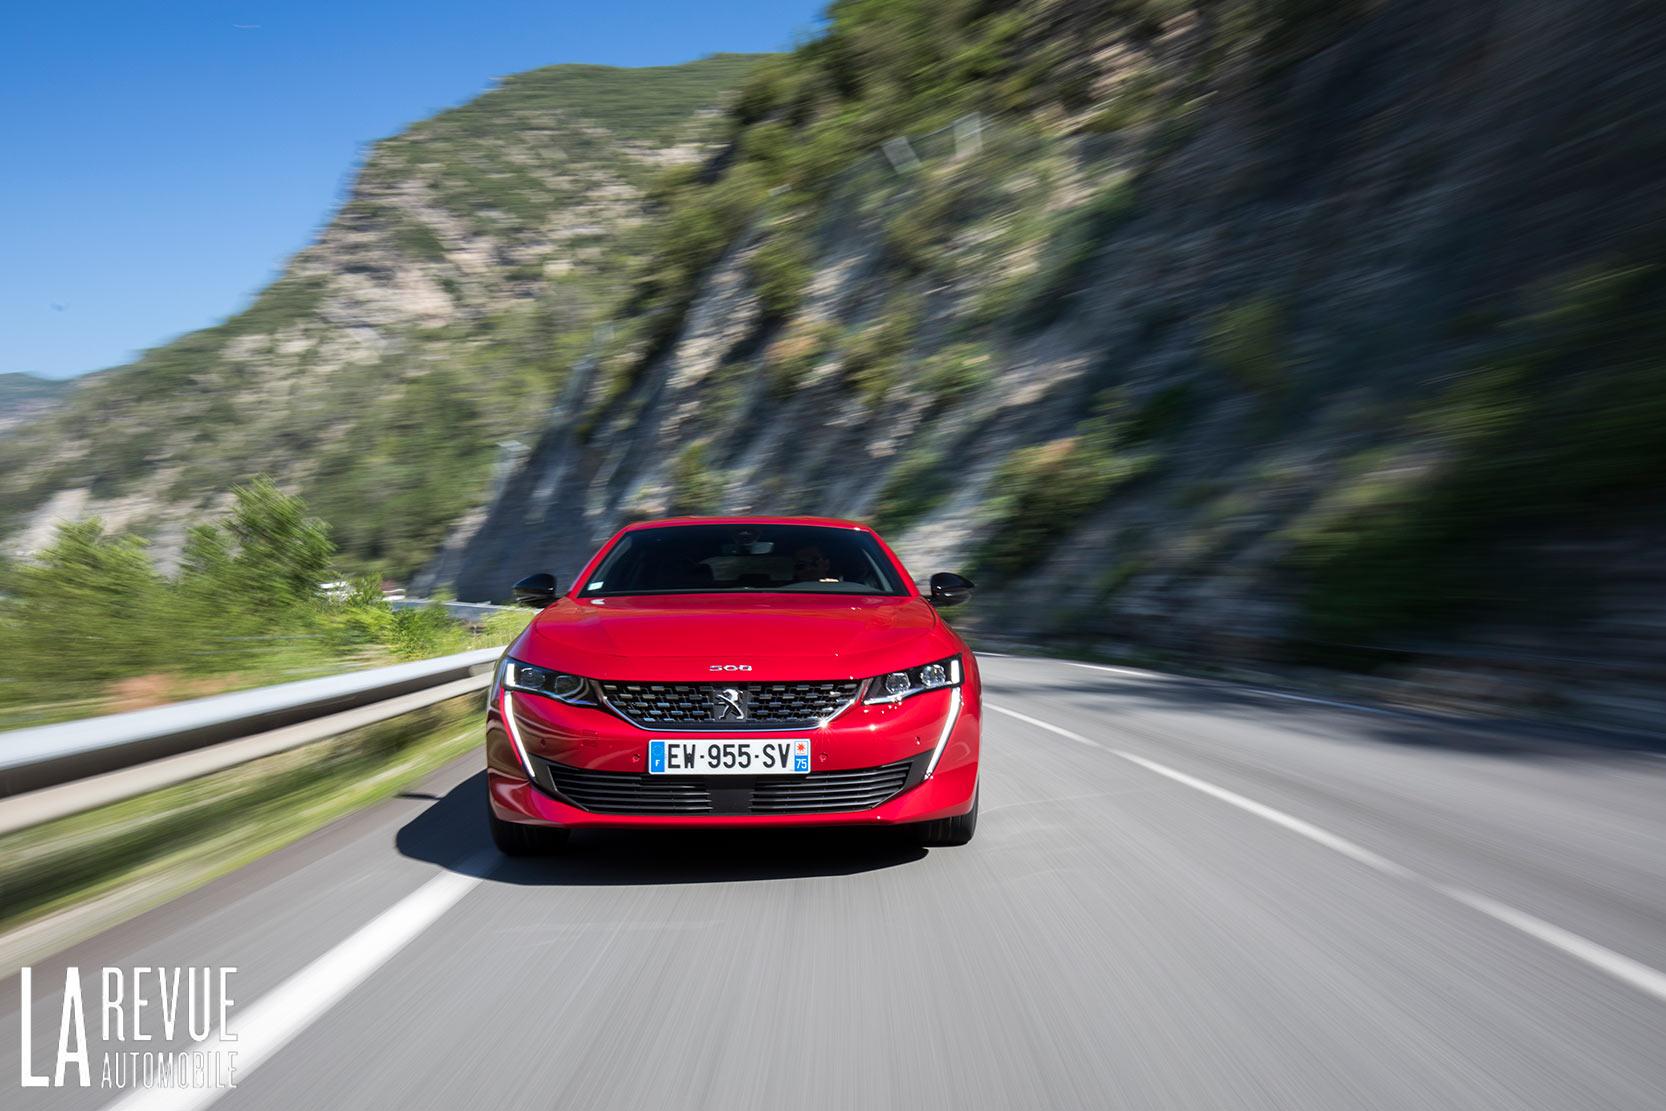 La nouvelle Peugeot 508 et sa version GT propulsé par un moteur de 225 chevaux